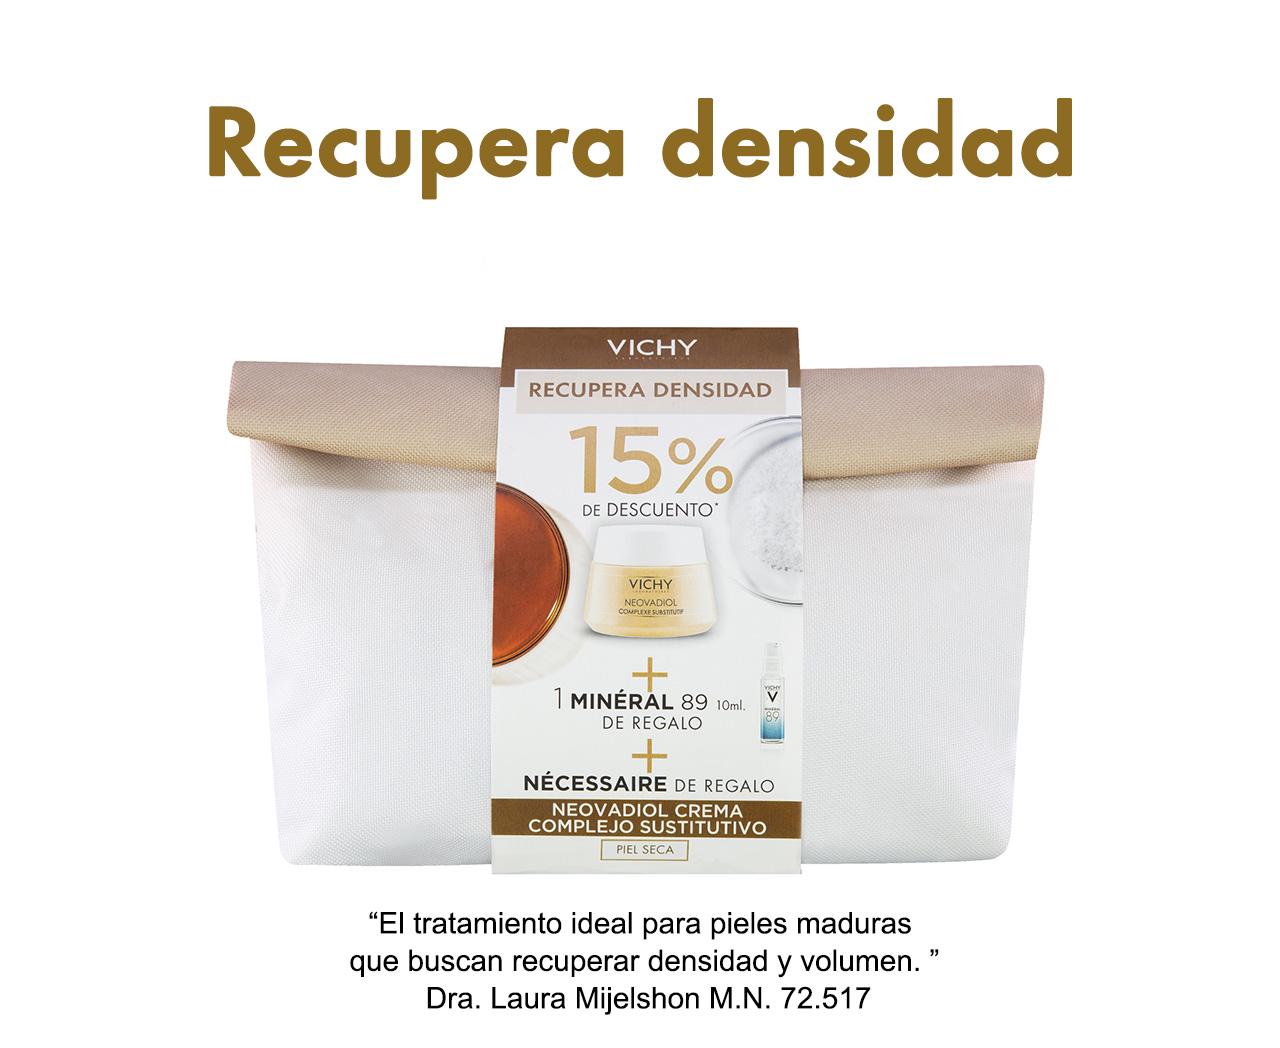 Neovadiol Complejo Sustitutivo Piel Seca + Minéral 89 de REGALO